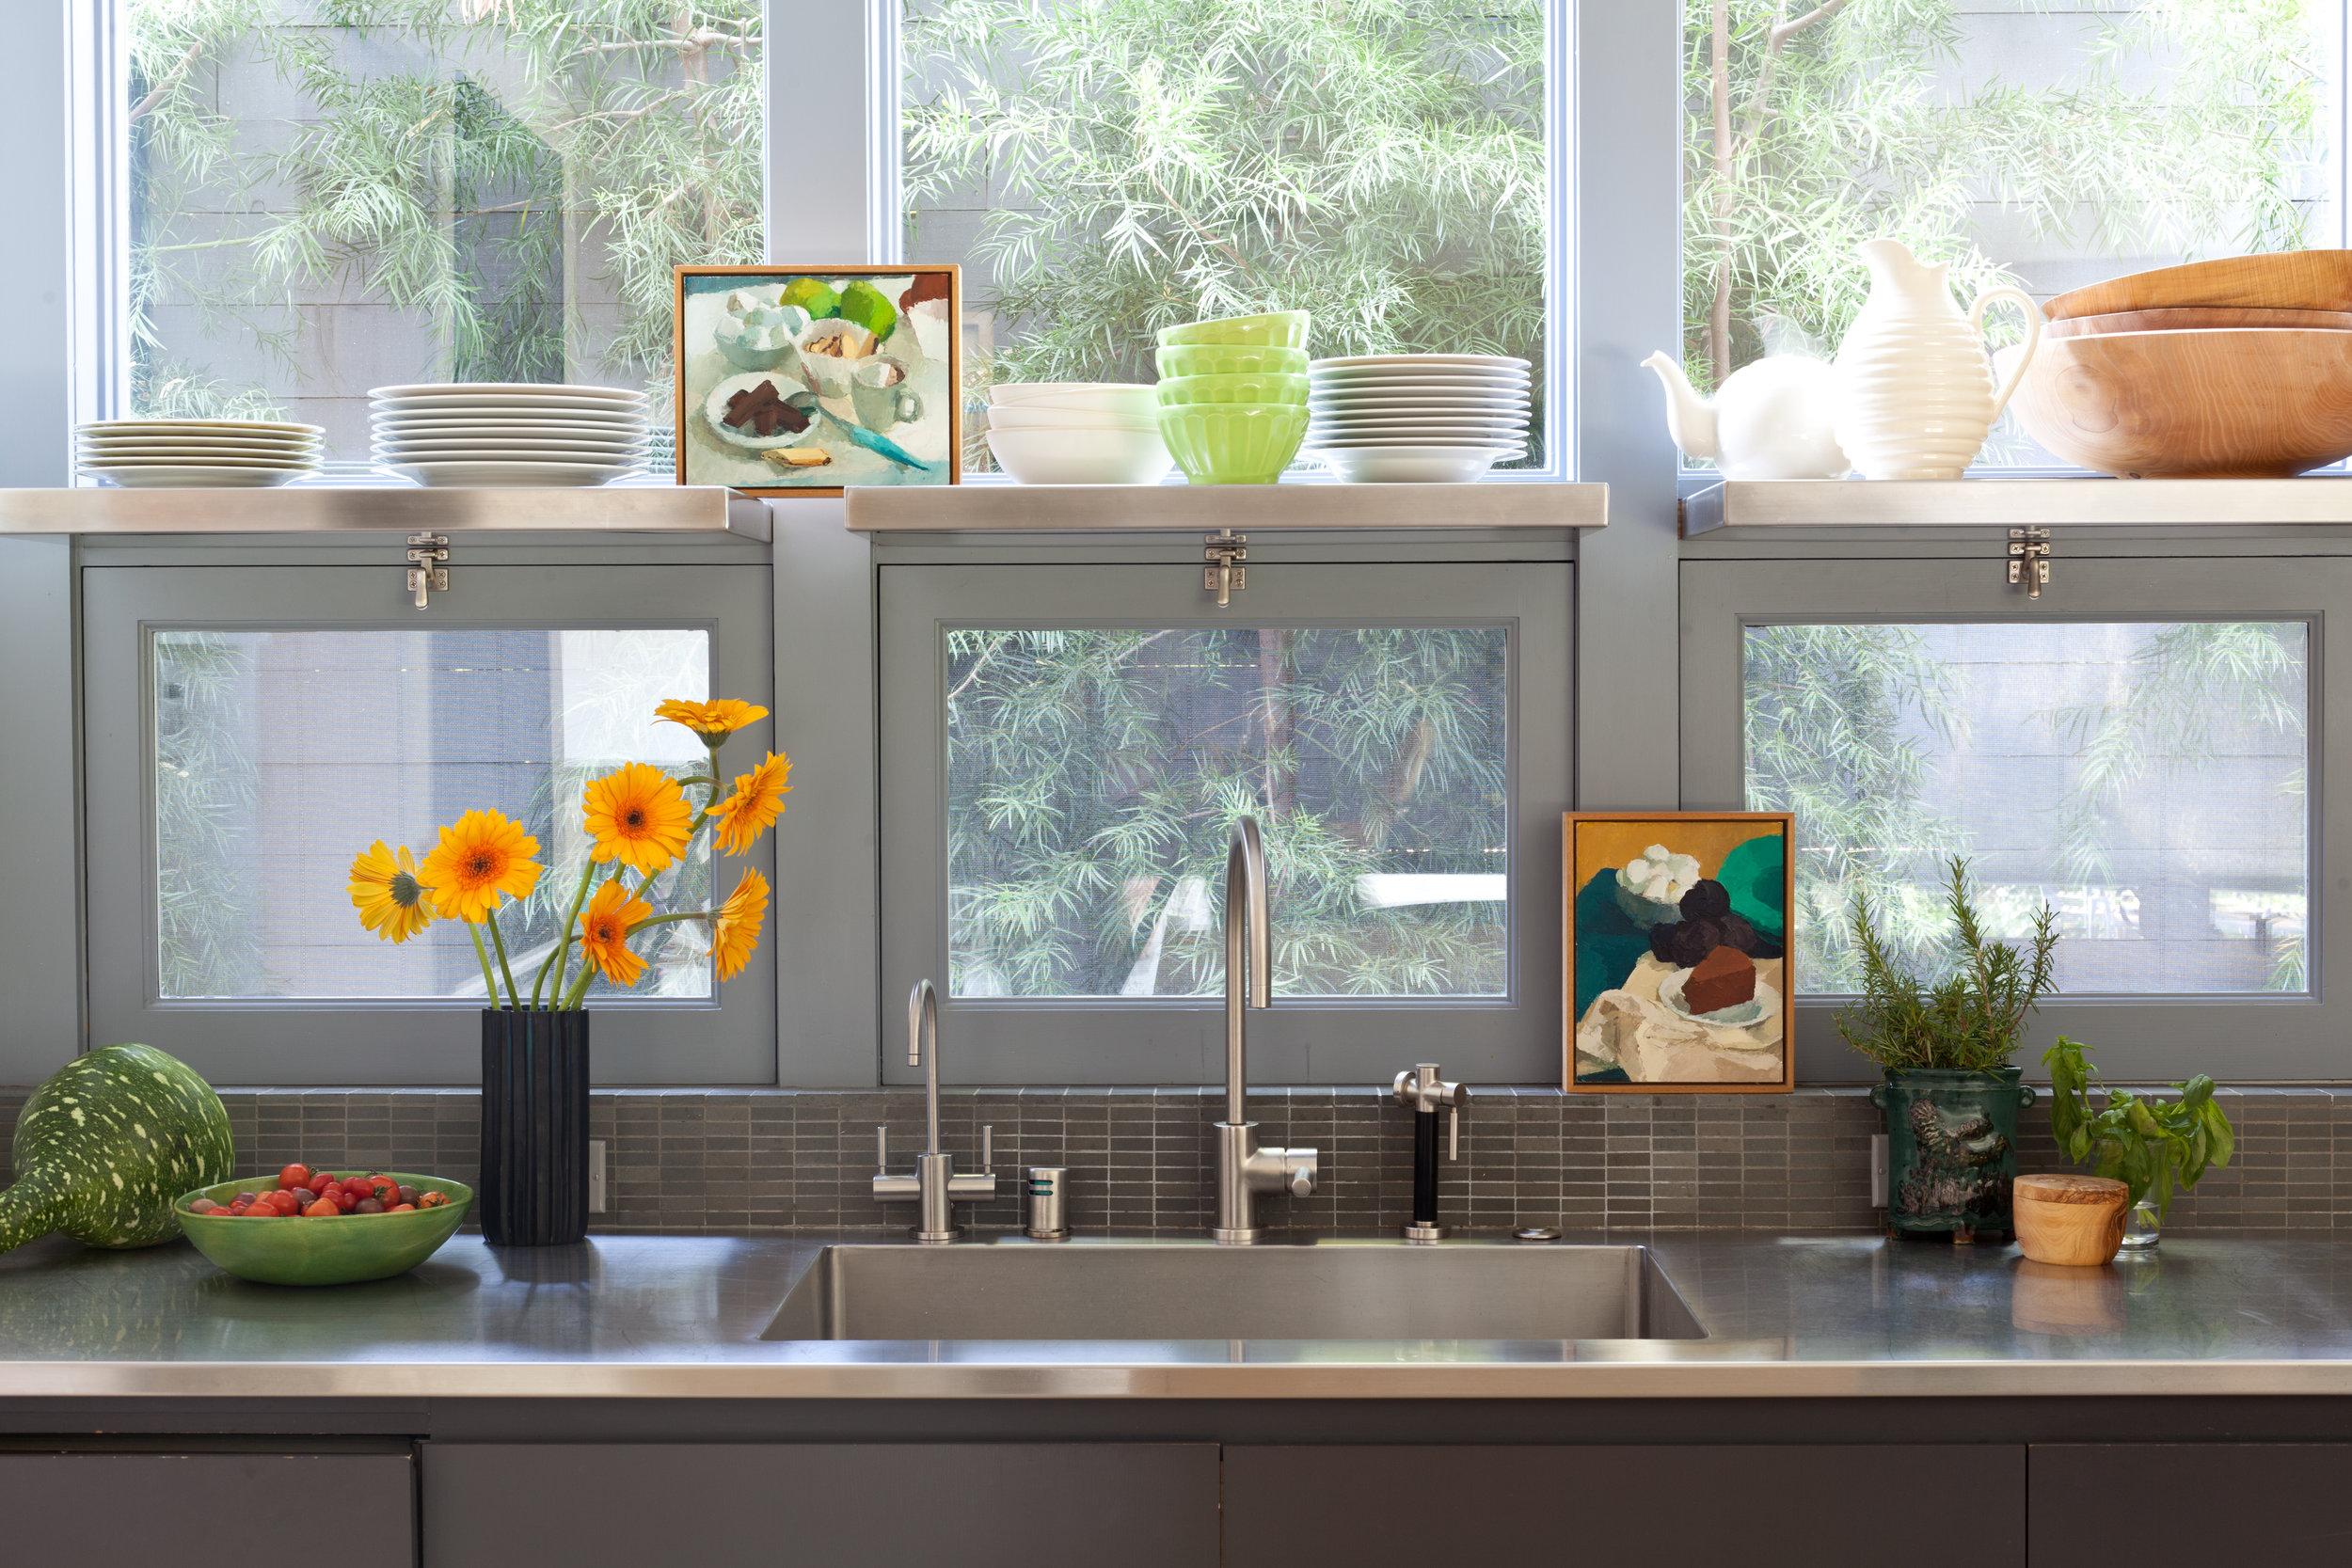 Brentwood_kitchen_sink.jpg